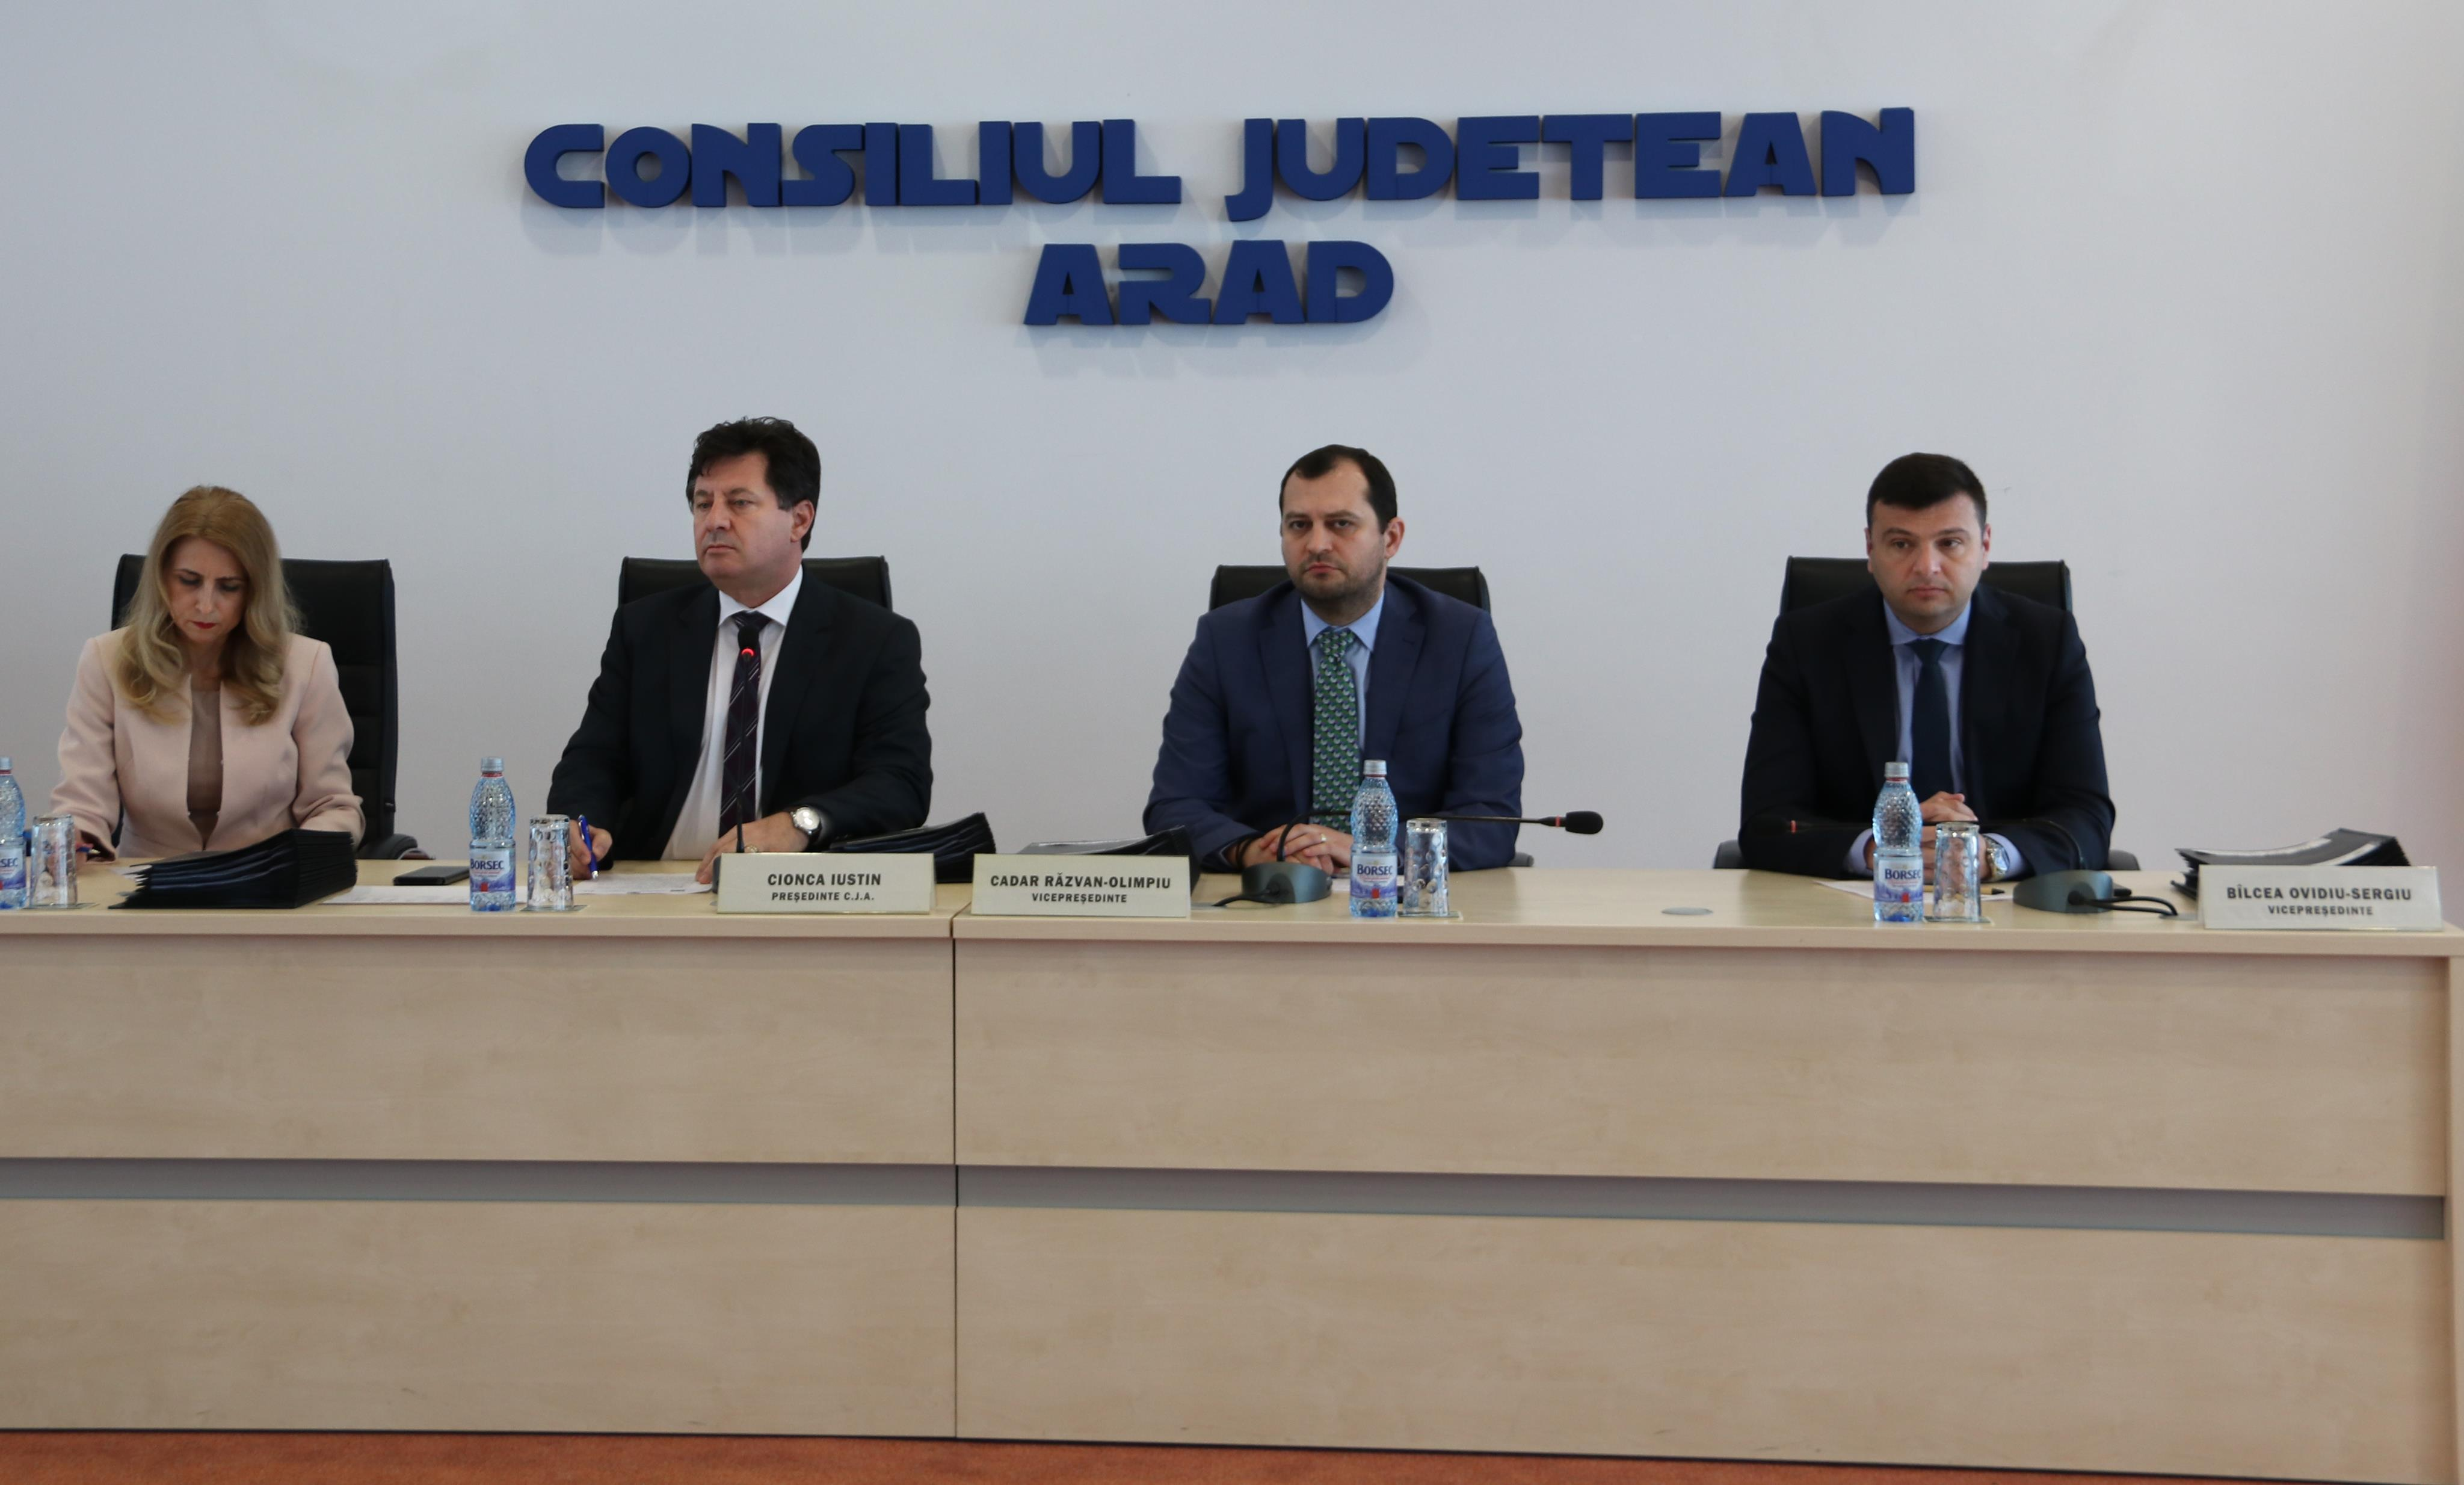 Consiliul Județean Arad a aprobat condițiile investiției de  1 milion de euro la Cardiologie